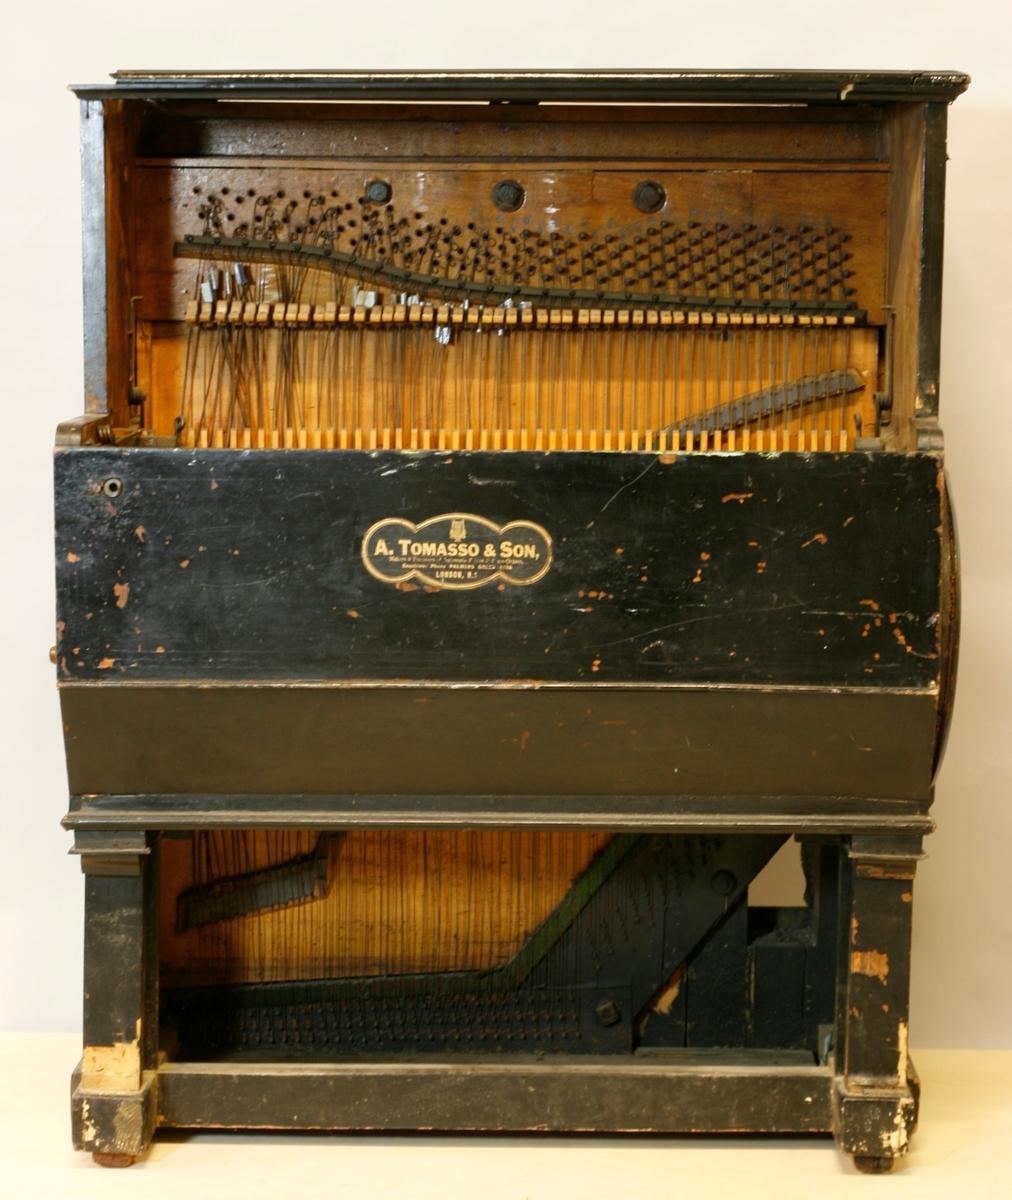 """Omfang: Mekanisk piano med papirbeklett stiftvals og med hammermekanikk. 48 hammere som slår på opprettstående strenger.     Kasse: i tre. svartmalt. håndtak av messing på hver side.   Klangbunn av nåletre(?) årringer vertikalt mot strenger. Stol med backpinning, delt i bass v . """"B""""/""""c"""". Metallplate for anhangslist.   To-korig 9 toner i bass, for øvrig 3 strenger / tone.   Trykte tonenavn: """"D"""", """"E"""", 4 umerkte, [sanns F?, F#?, G?, A?, ] """"B"""", """"C"""", """"#"""".   deretter """"C, - , -, E. F. #, C, .se skjema.   Enkel mekanik, ryttere skyves sideveis (fjærbelastet) ved skifte av melodi. filtklette hammere.   Ingen synlig demping.    Mekanikkdel:  Sylinder med stift av jern. 838 bred x ca 32 cm i diameter. (estimert).  Spårbredde ca 17,5 mm  10 melodier som skiftes ved å vri på en spak t.v. på siden, merket 1-9, samt 0.  Stiftvals merket i bassen med linjer utmed bevegelseretningen 2-3 / tone for de føste ca 8 tonene. Notert sifrer (takter?) utmed linjene, samt markert """"Tune"""" på to steder, sekundært(?).  Sylinder med stempel i treet på korte siden, der tannhjulet ikke er montert: """"L M C"""" og """"A [rose] A"""""""